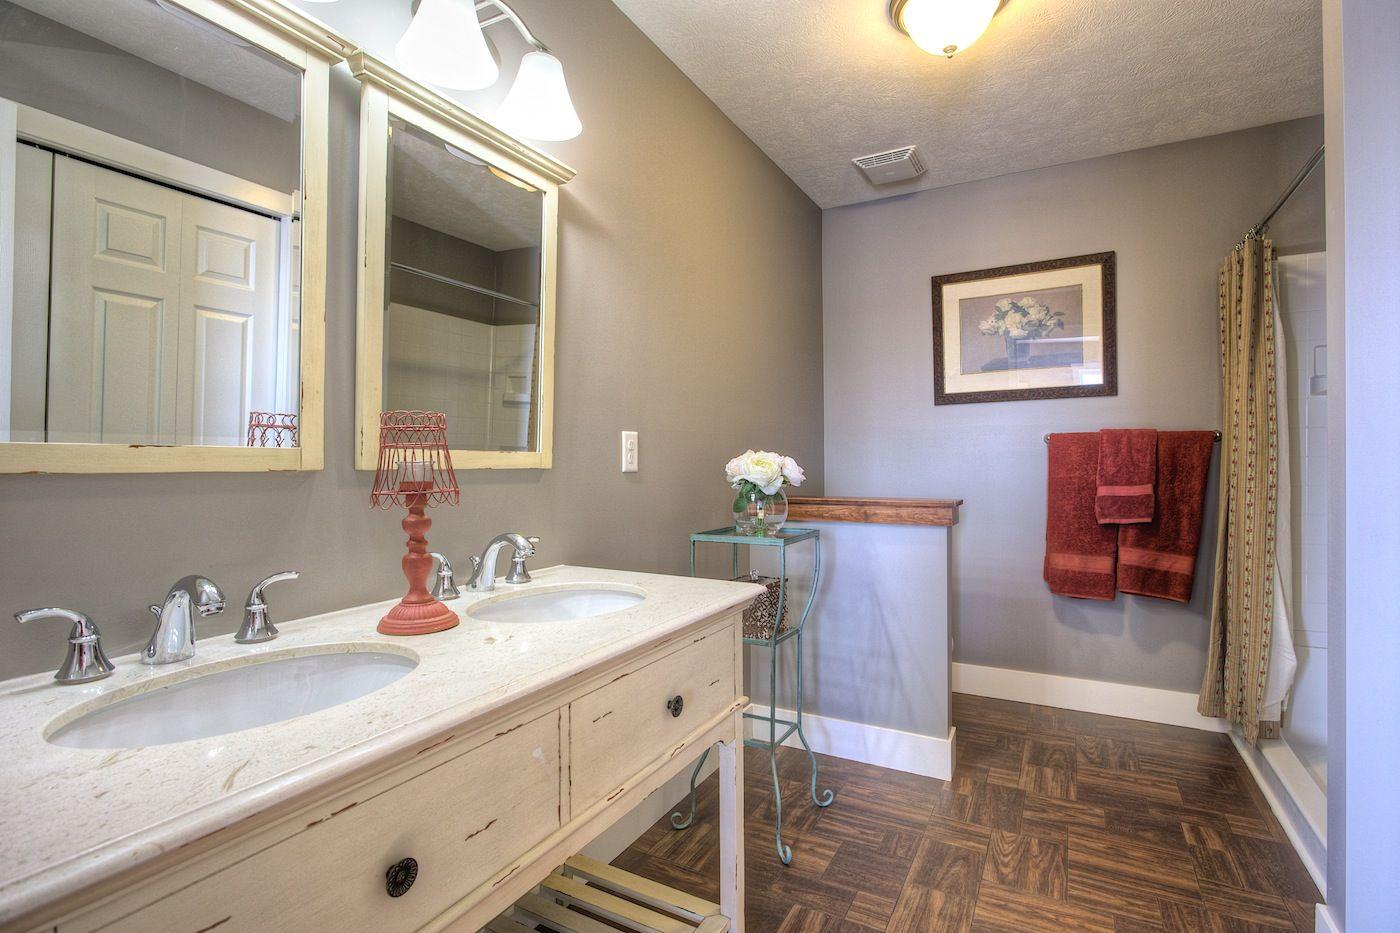 Bathroom featured in the Elements 1870 By Allen Edwin Homes in Benton Harbor, MI